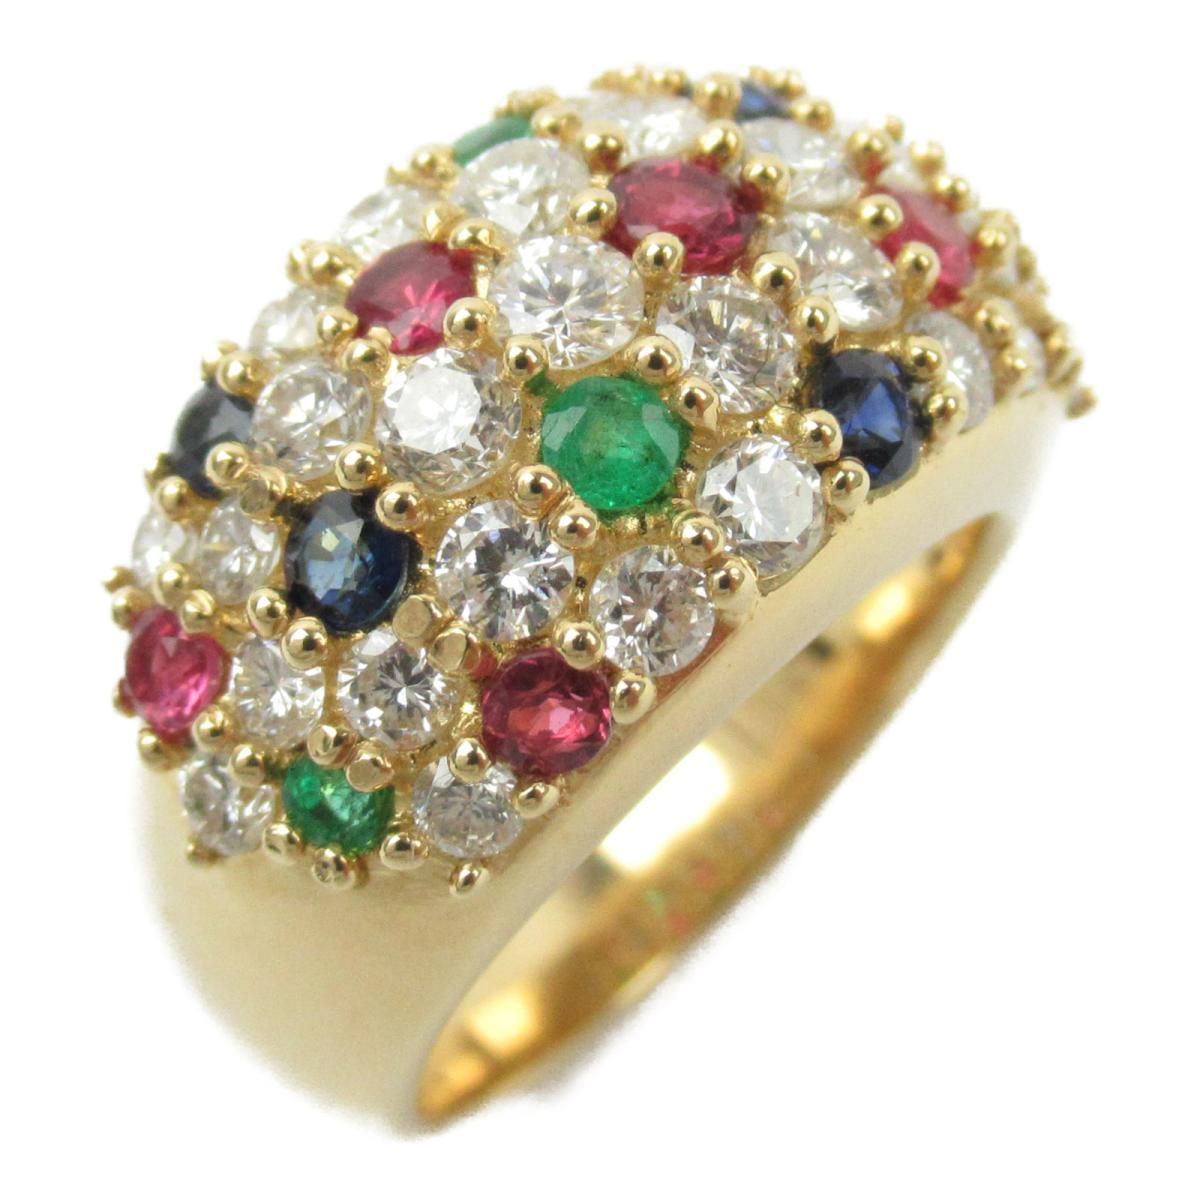 ジュエリー マルチ リング 指輪 ノーブランドジュエリー レディース K18YG (750) イエローゴールド x ダイヤモンド1.65/ルビー0.48/サファイア0.39ct/エメラルド0.26ct 【中古】 | ブランド